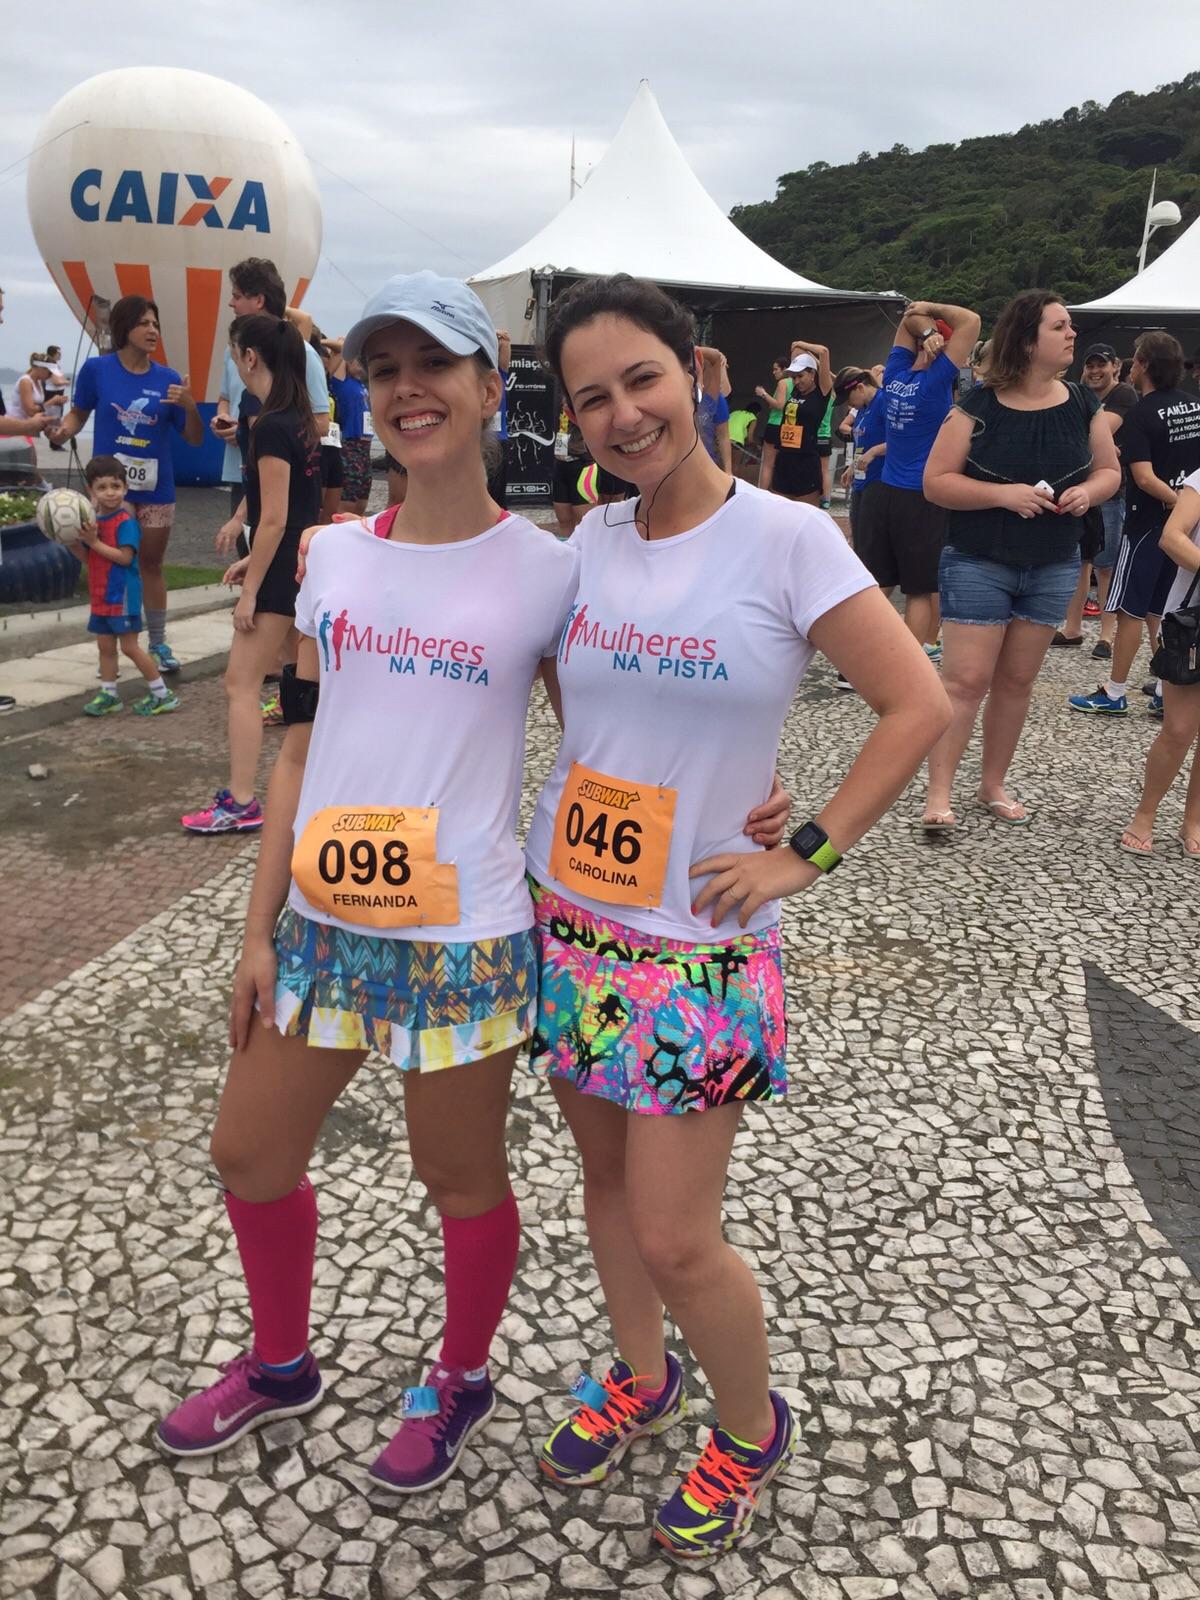 Promoção de aniversário: ganhe uma camiseta das Mulheres na Pista